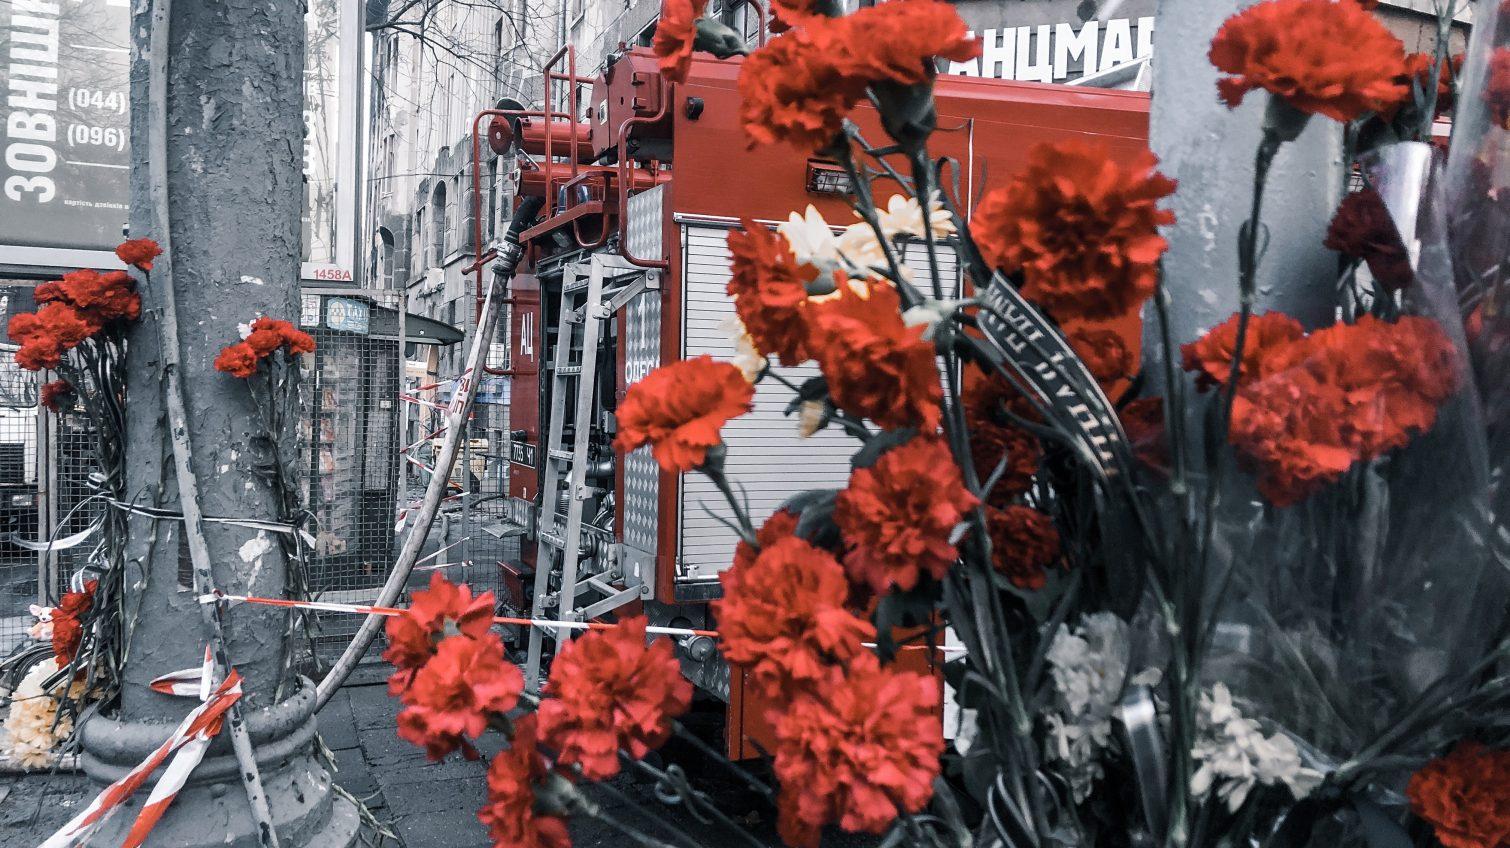 Итоги недели: трагический пожар на Троицкой и приезд премьера в Одессу «фото»